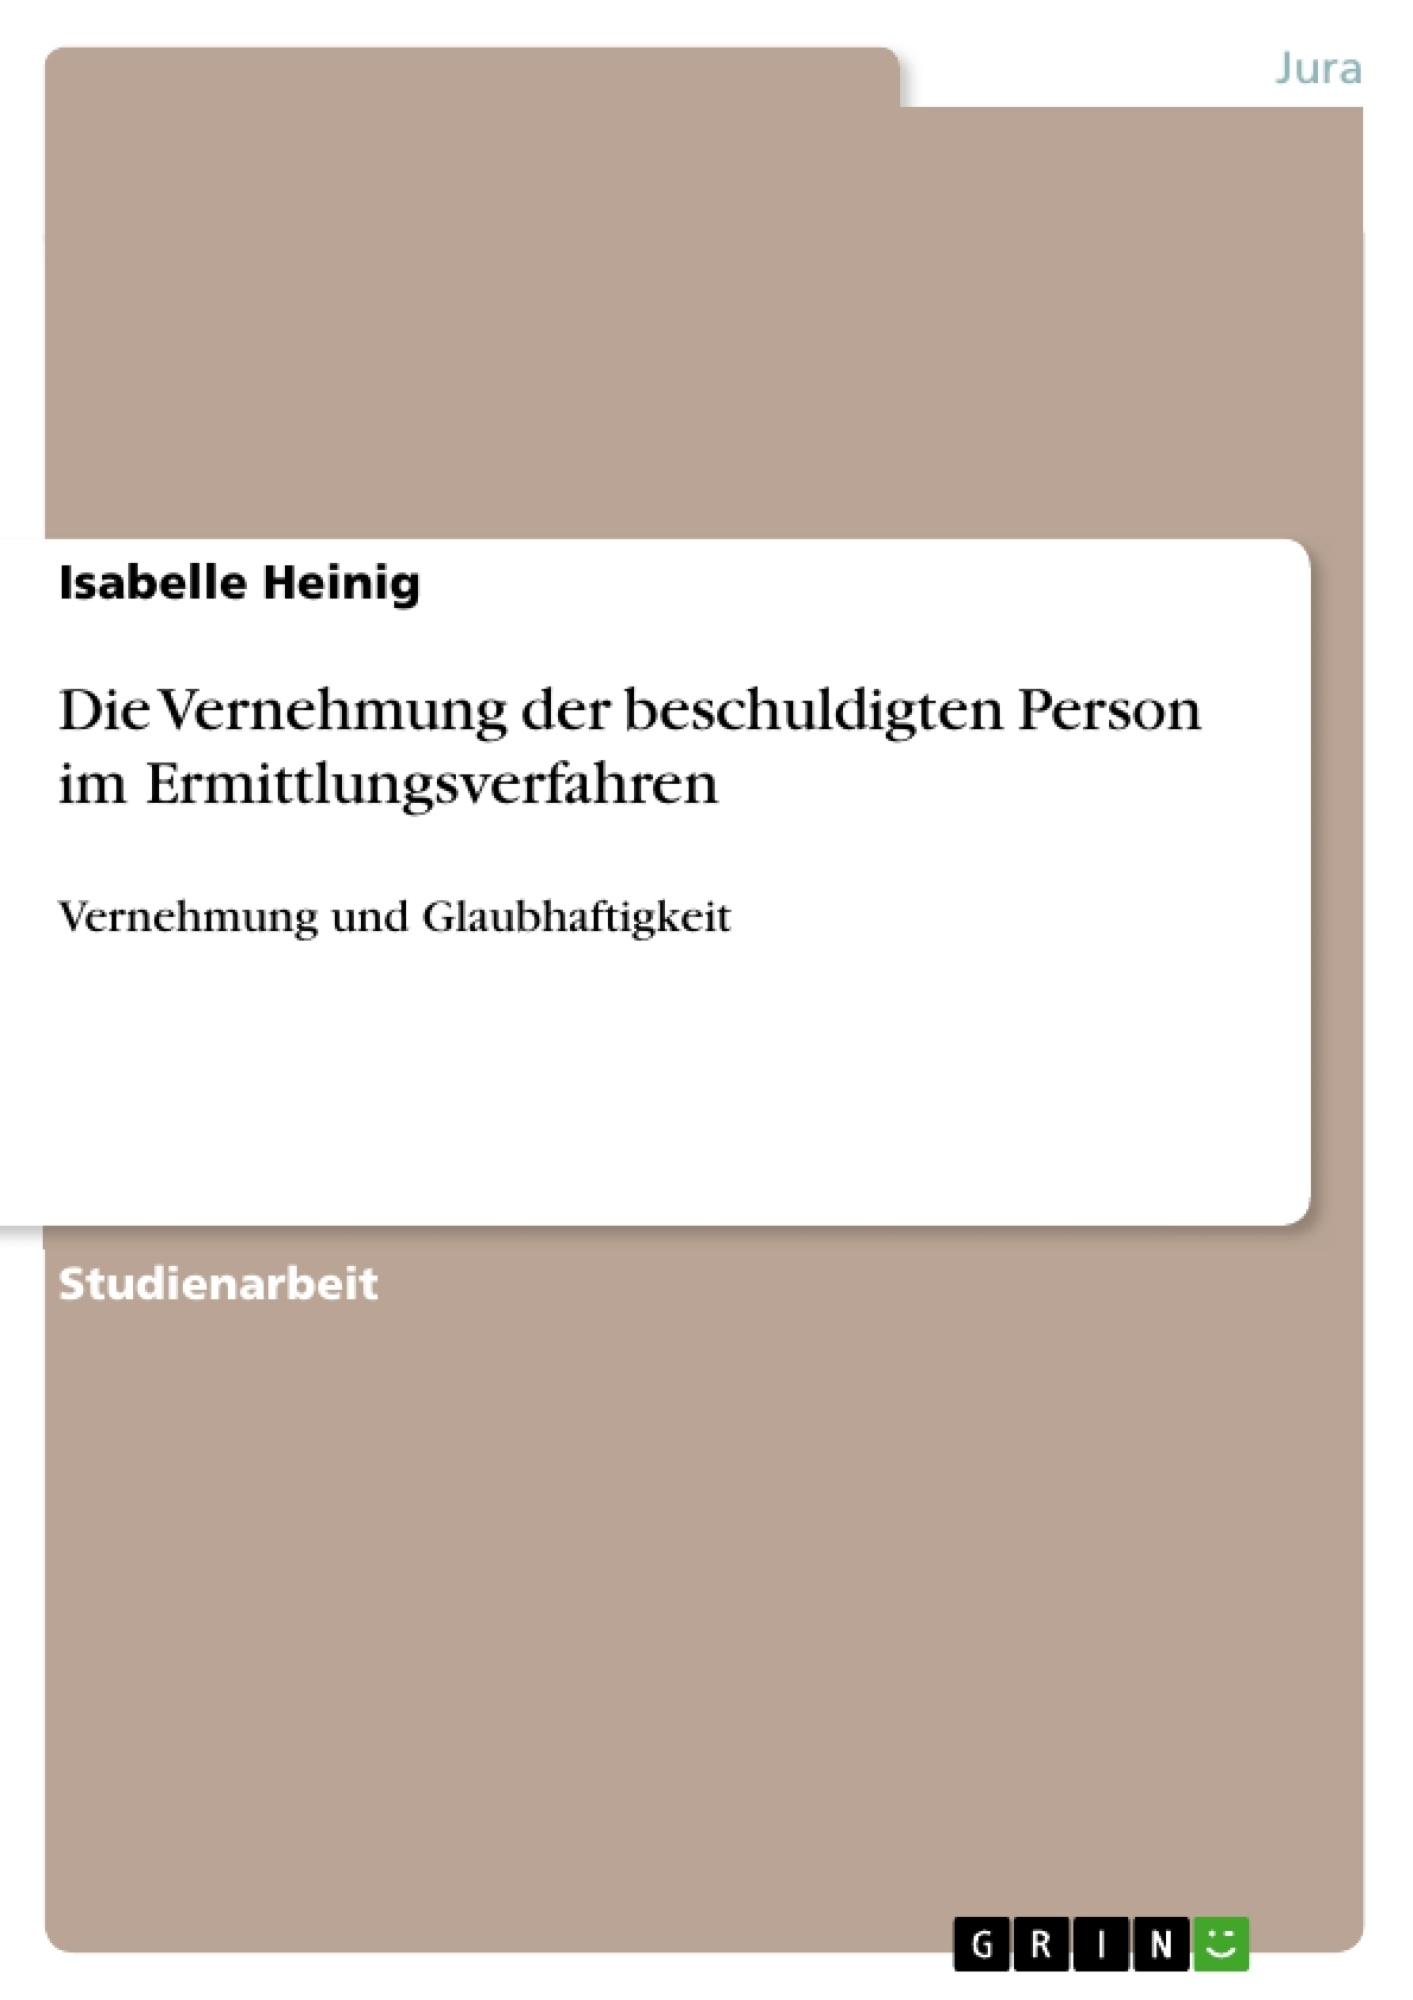 Titel: Die Vernehmung der beschuldigten Person im Ermittlungsverfahren